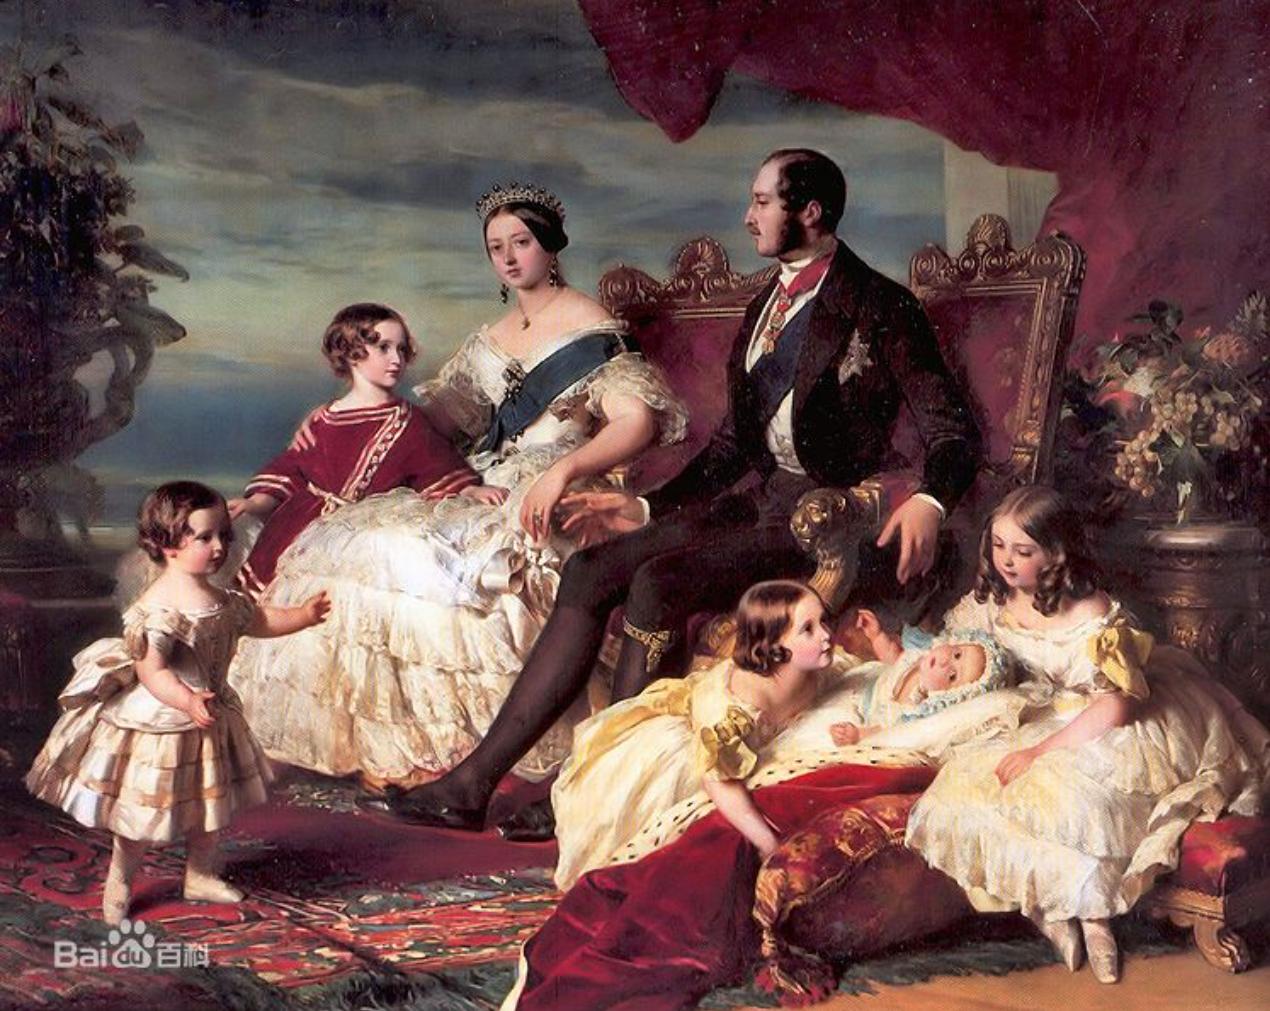 維多利亞女王與阿爾伯特王子同孩子們